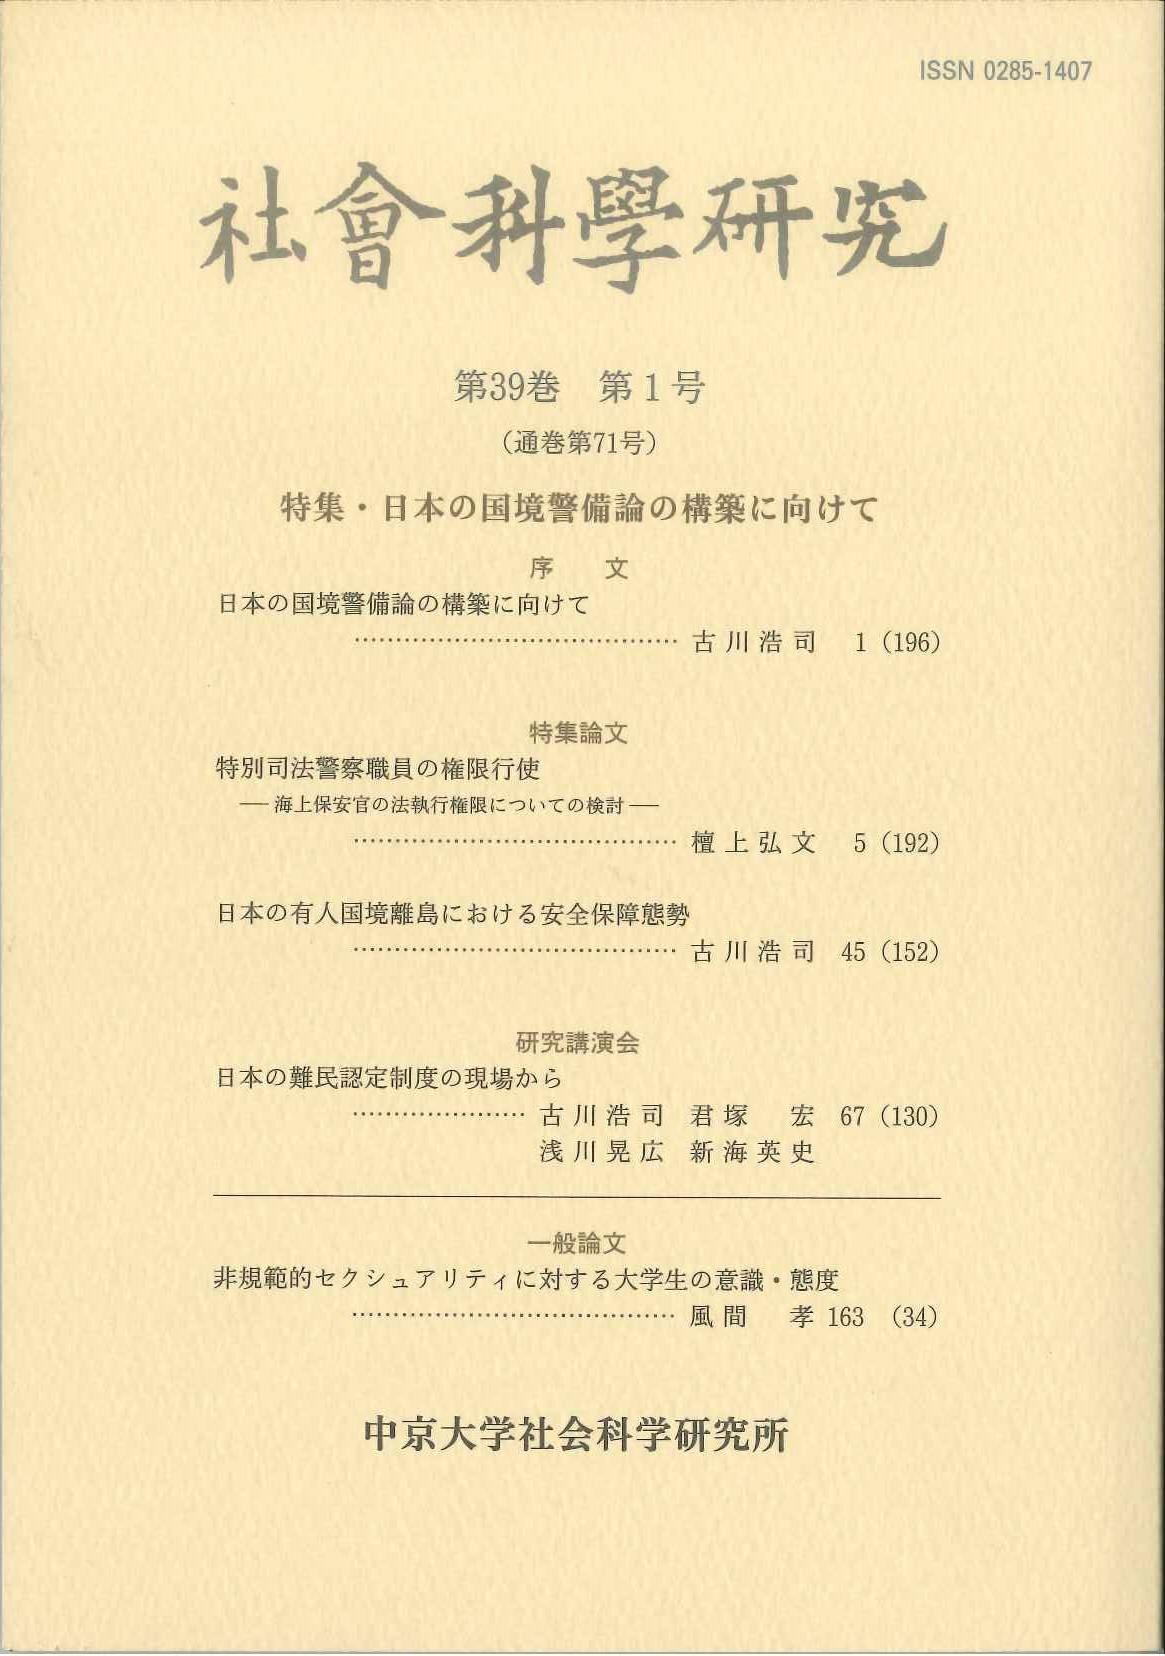 社会科学研究 第39巻第2号(通巻第71号)